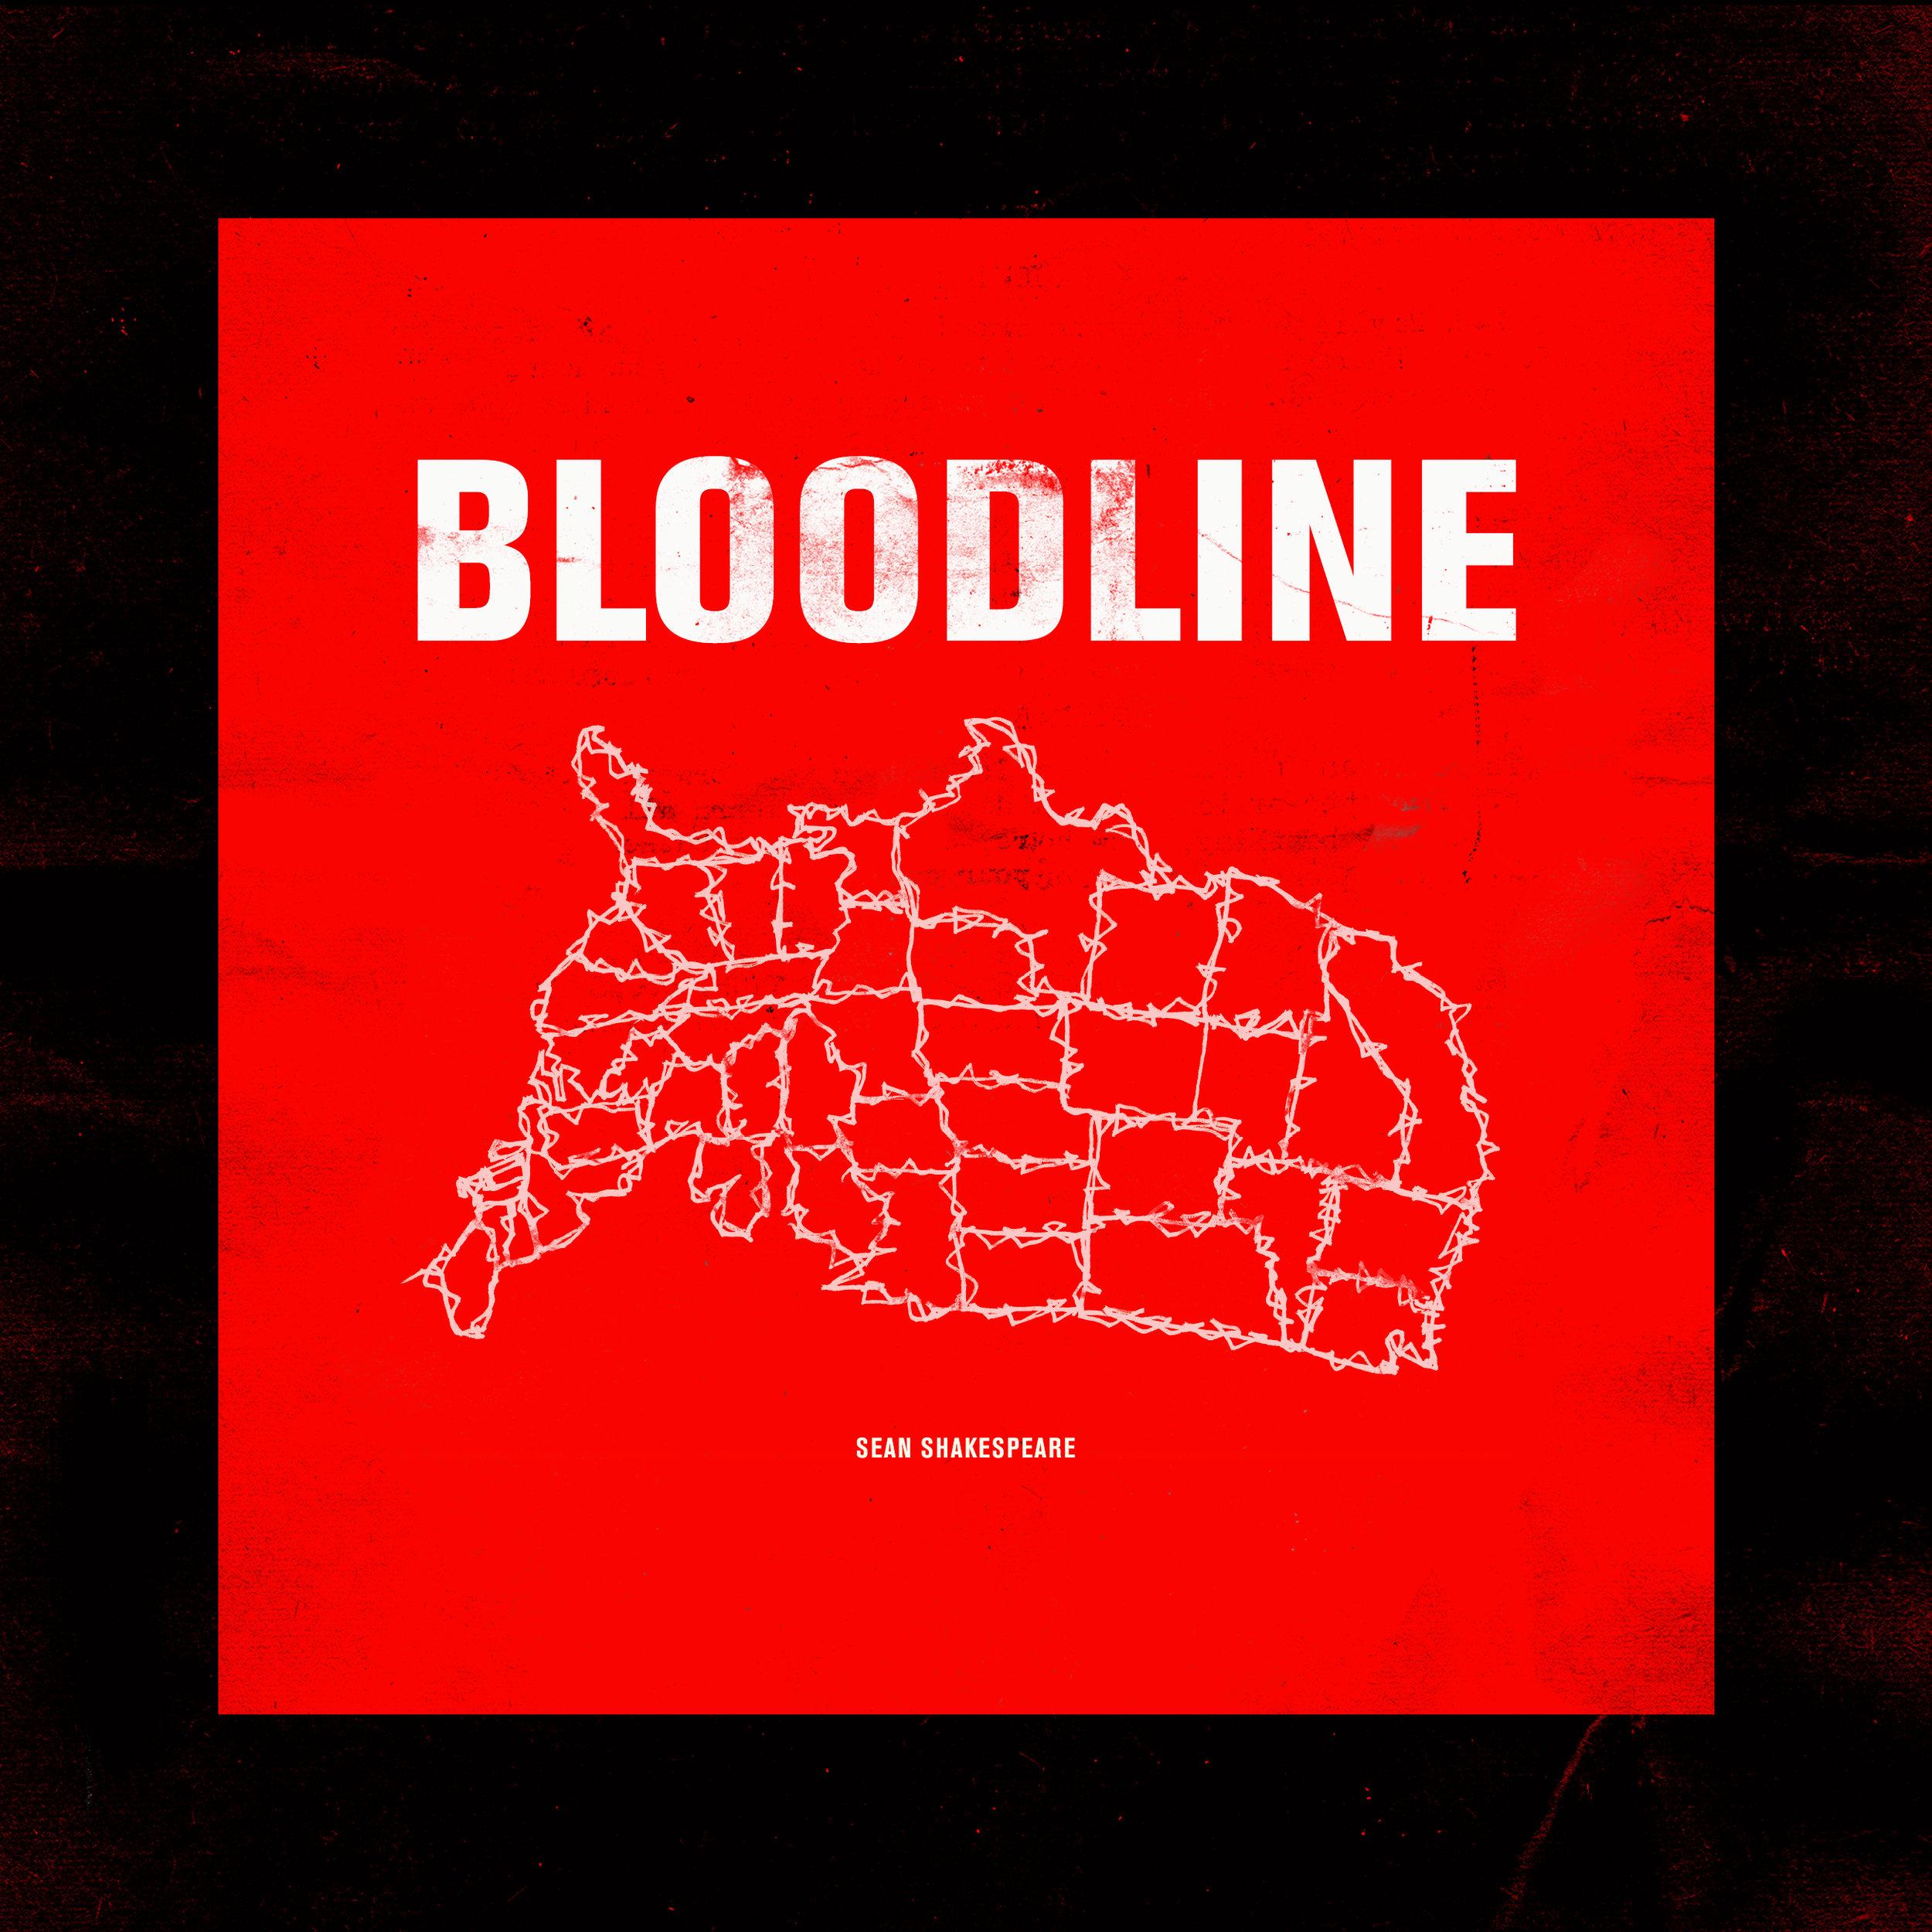 Bloodline_final-large.jpg